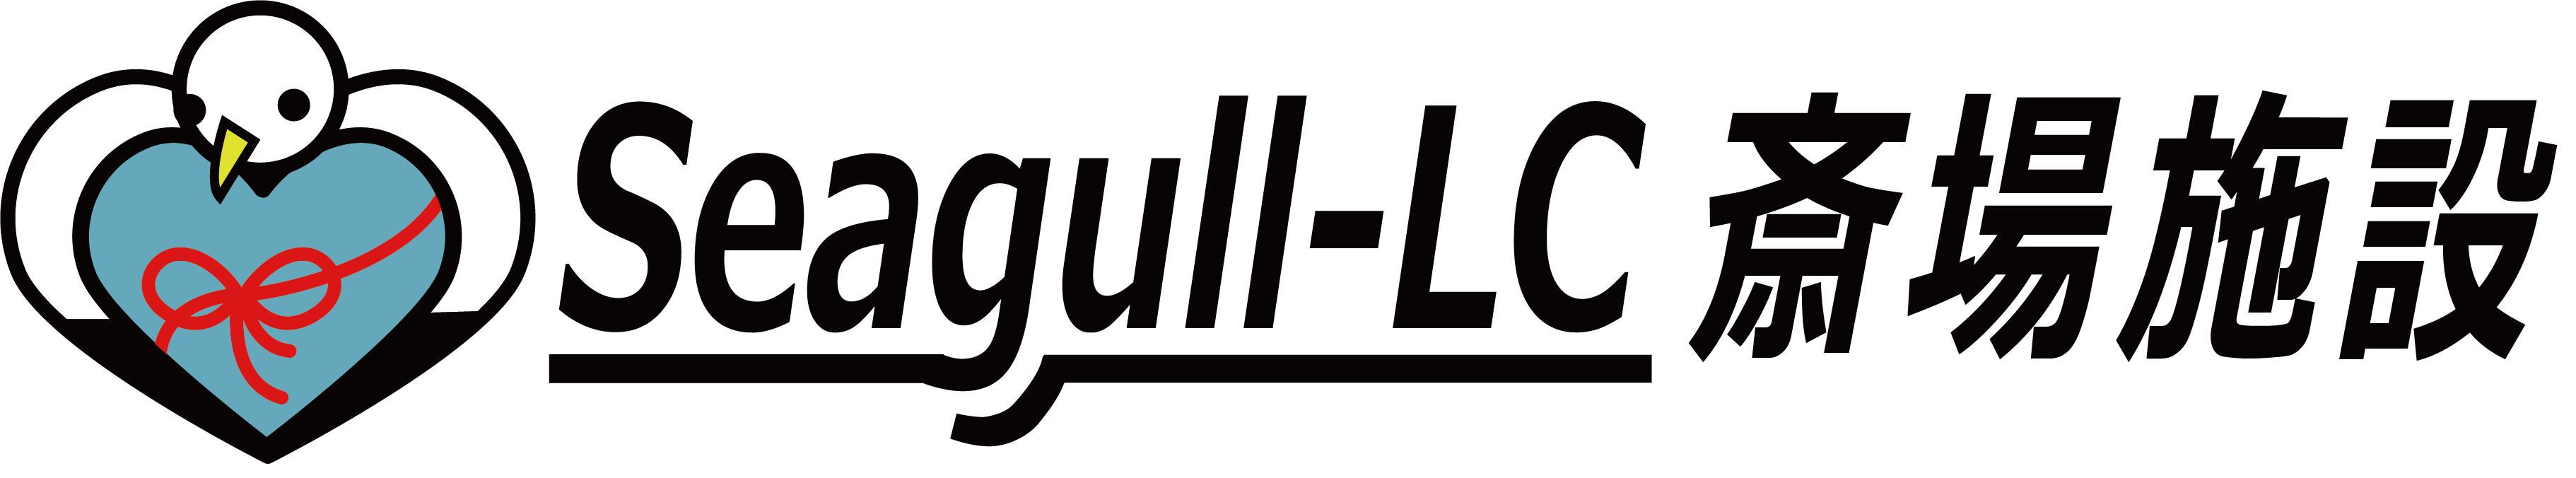 Seagull-LC 斎場施設